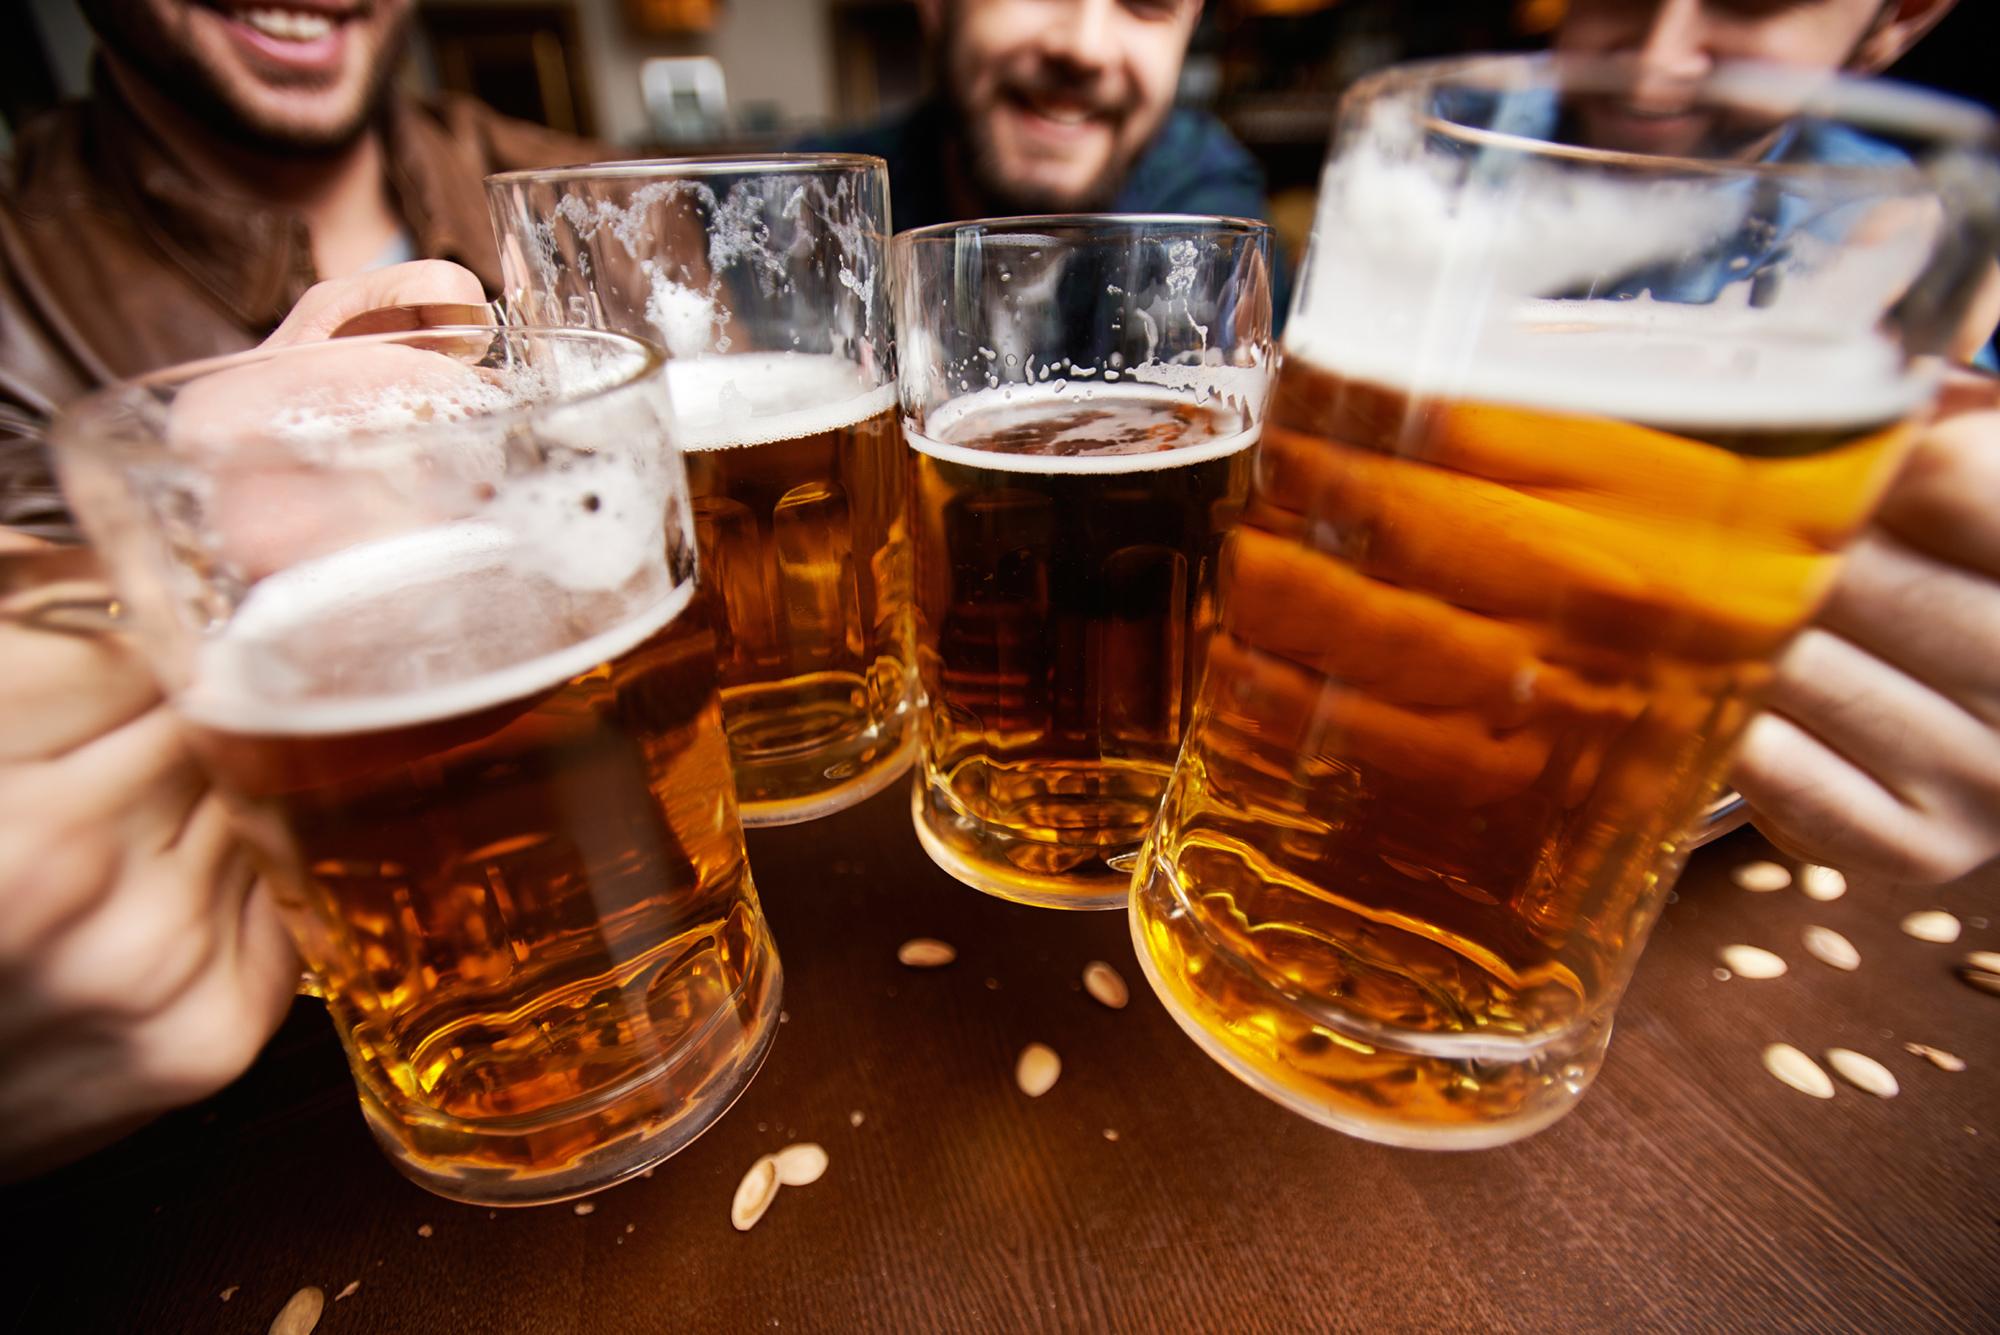 Cấm triệt để uống rượu, bia khi lái xe